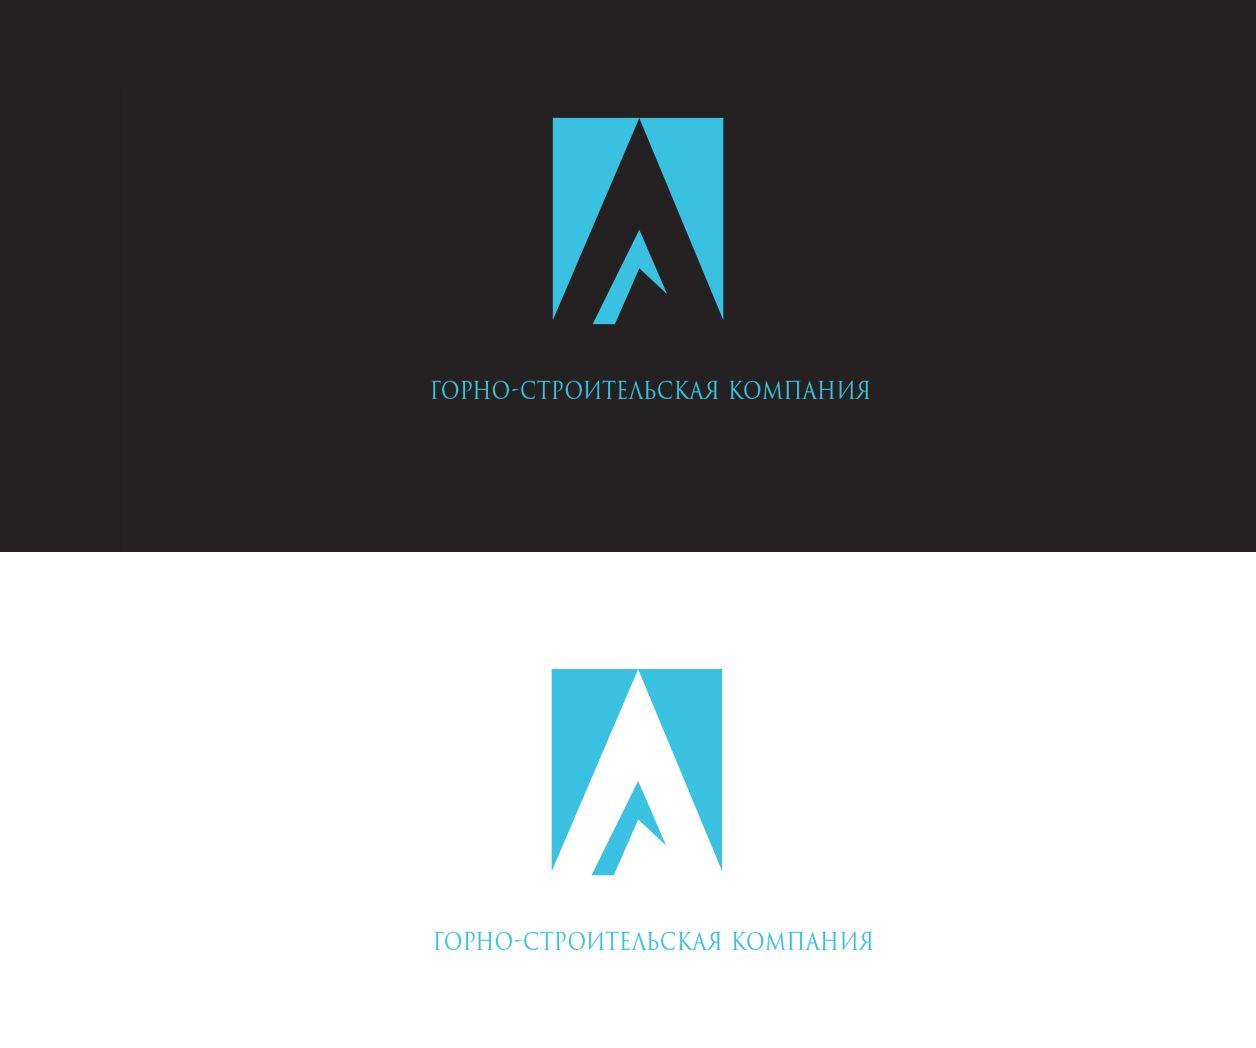 Логотип для Горно-Строительной Компании - дизайнер jmerkulov